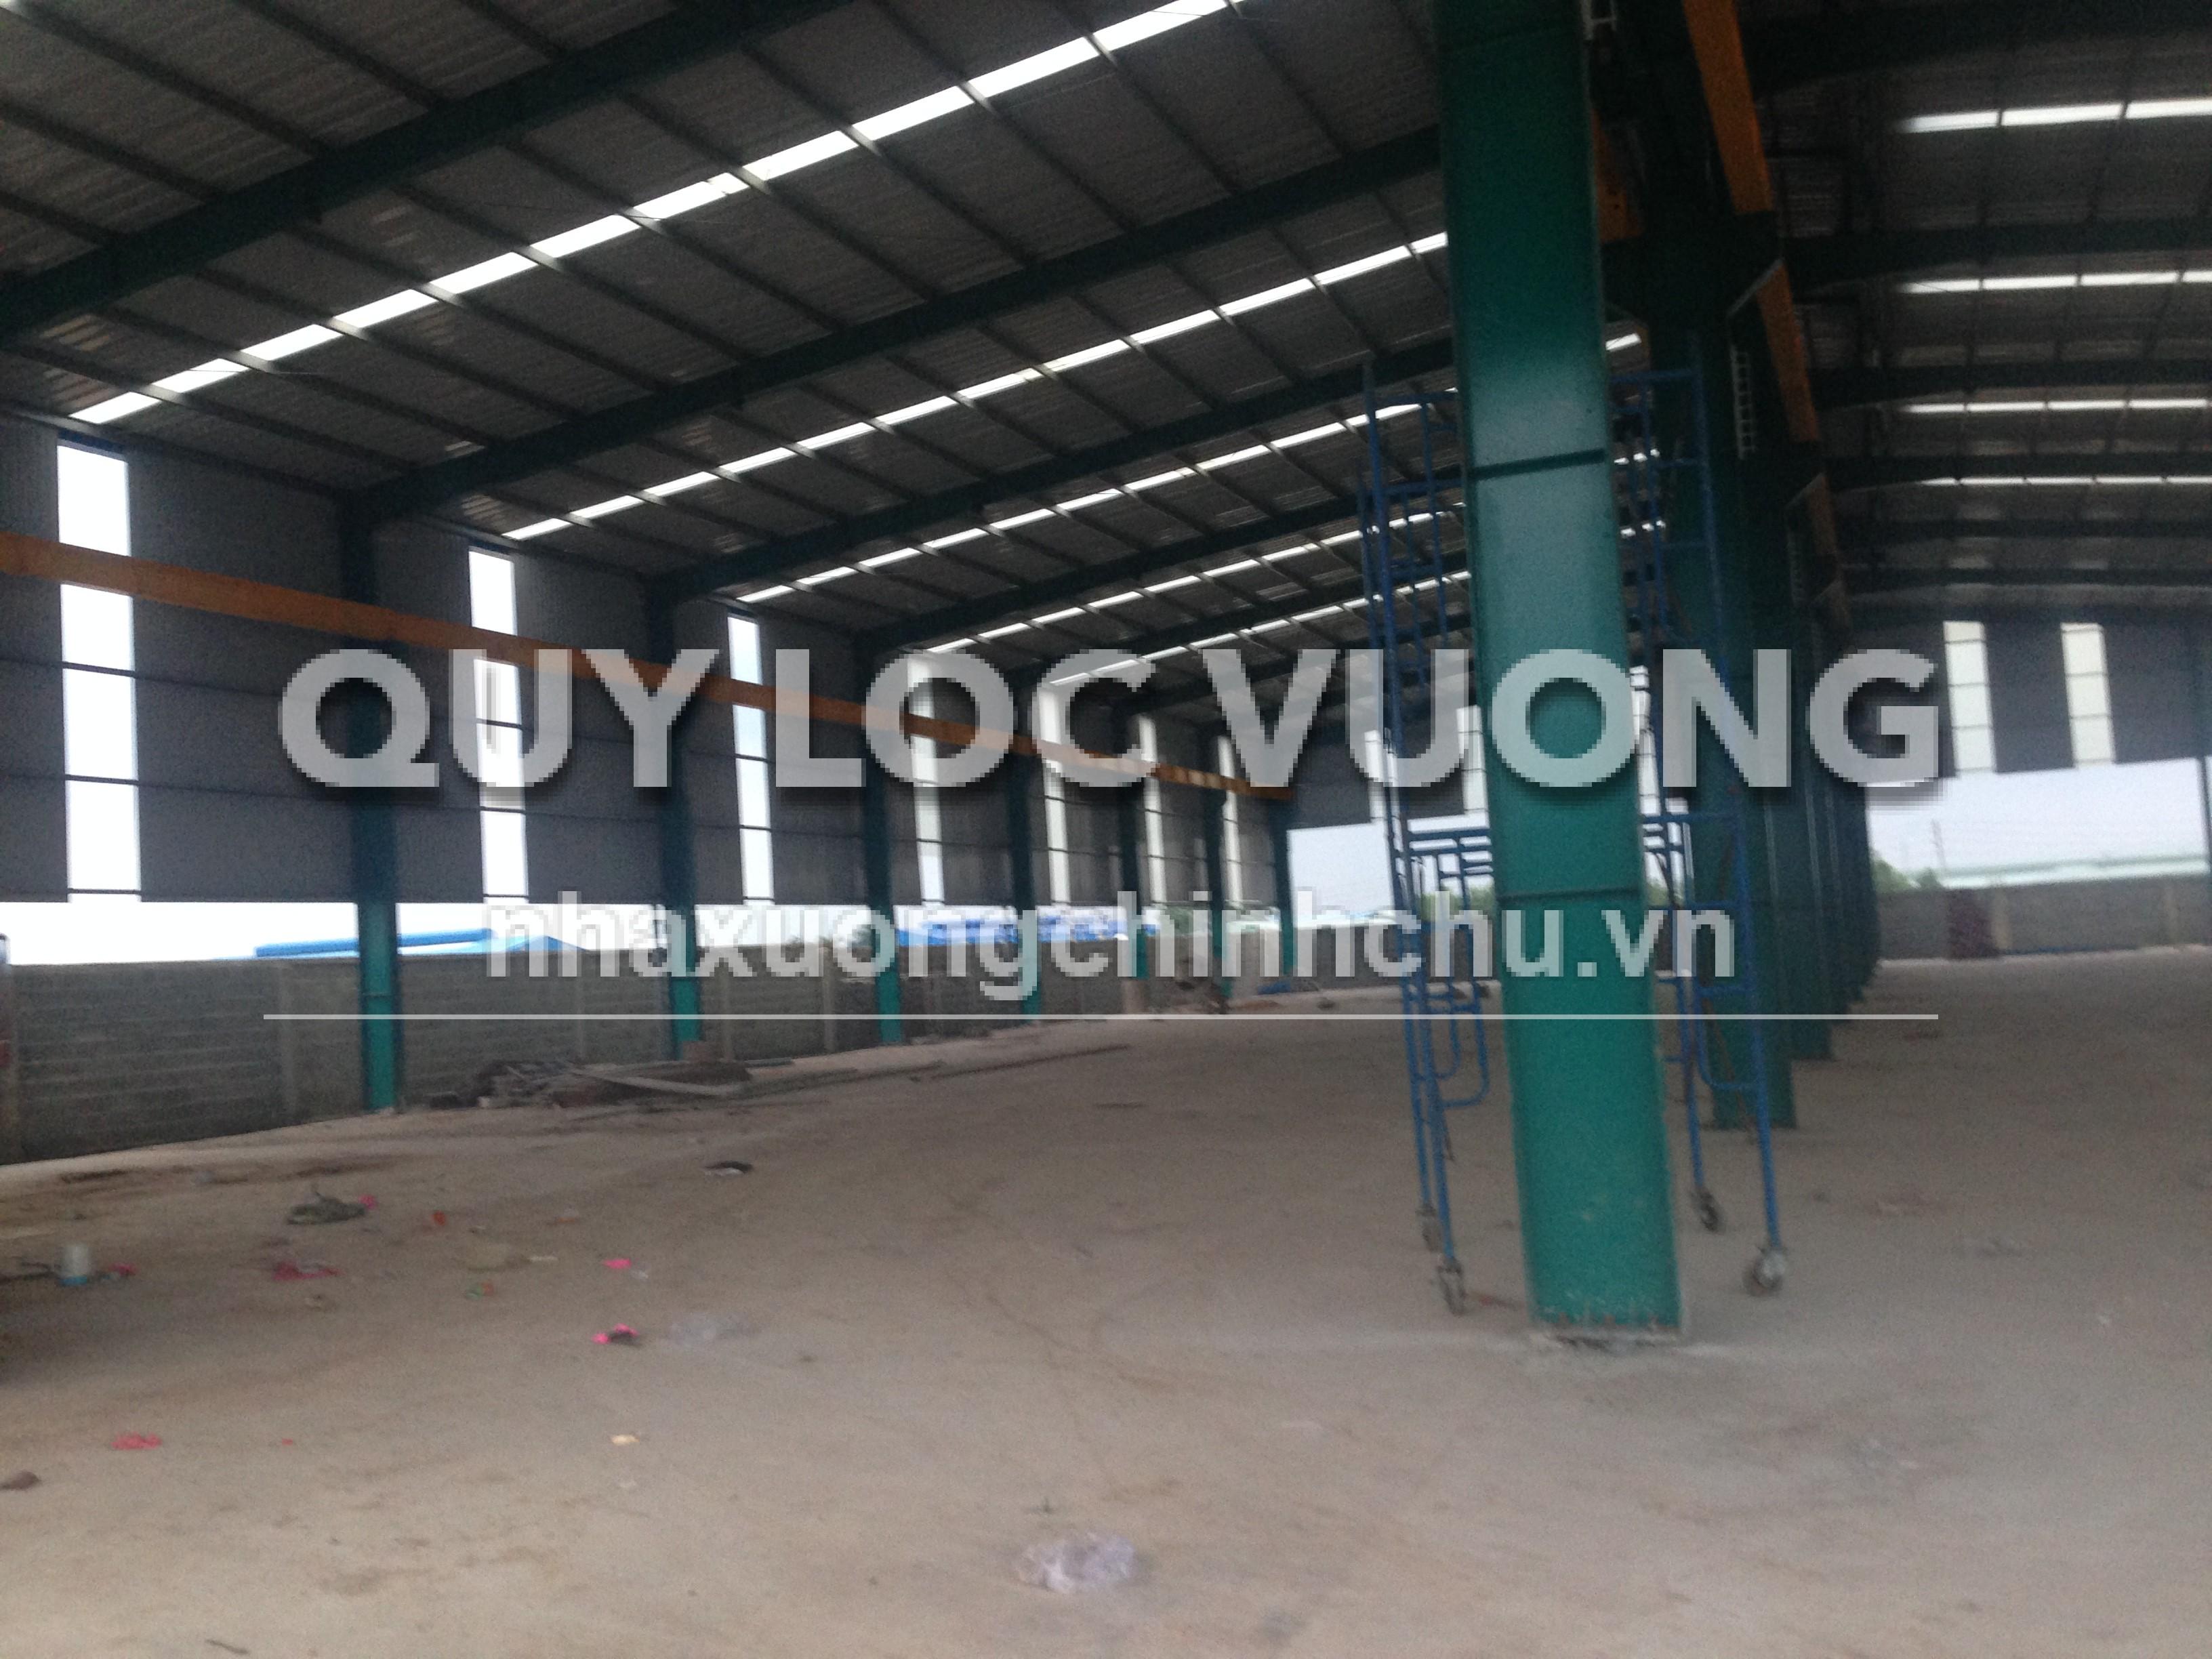 Bán hoặc cho thuê 3 xưởng ở khu phố Ông Đông phường Tân Hiệp Tân Uyên